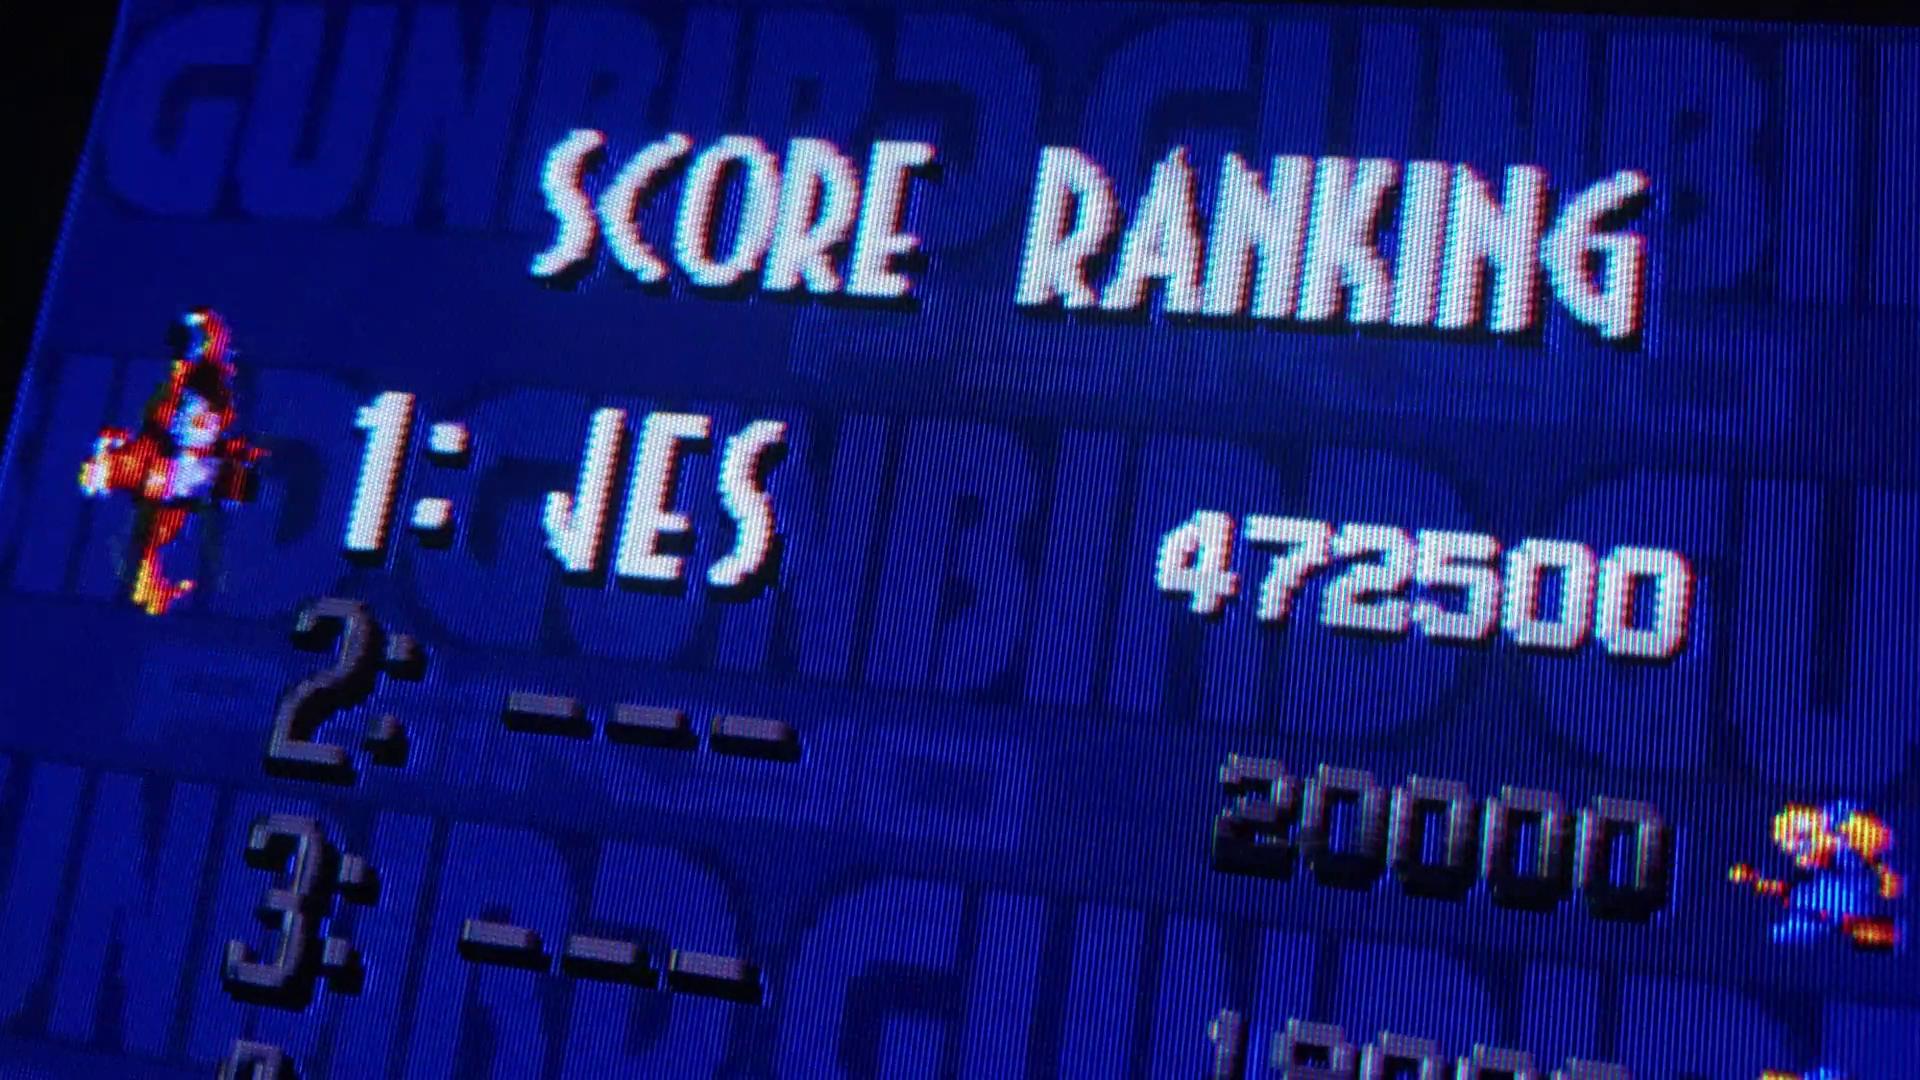 Gunbird [gunbird] 472,500 points